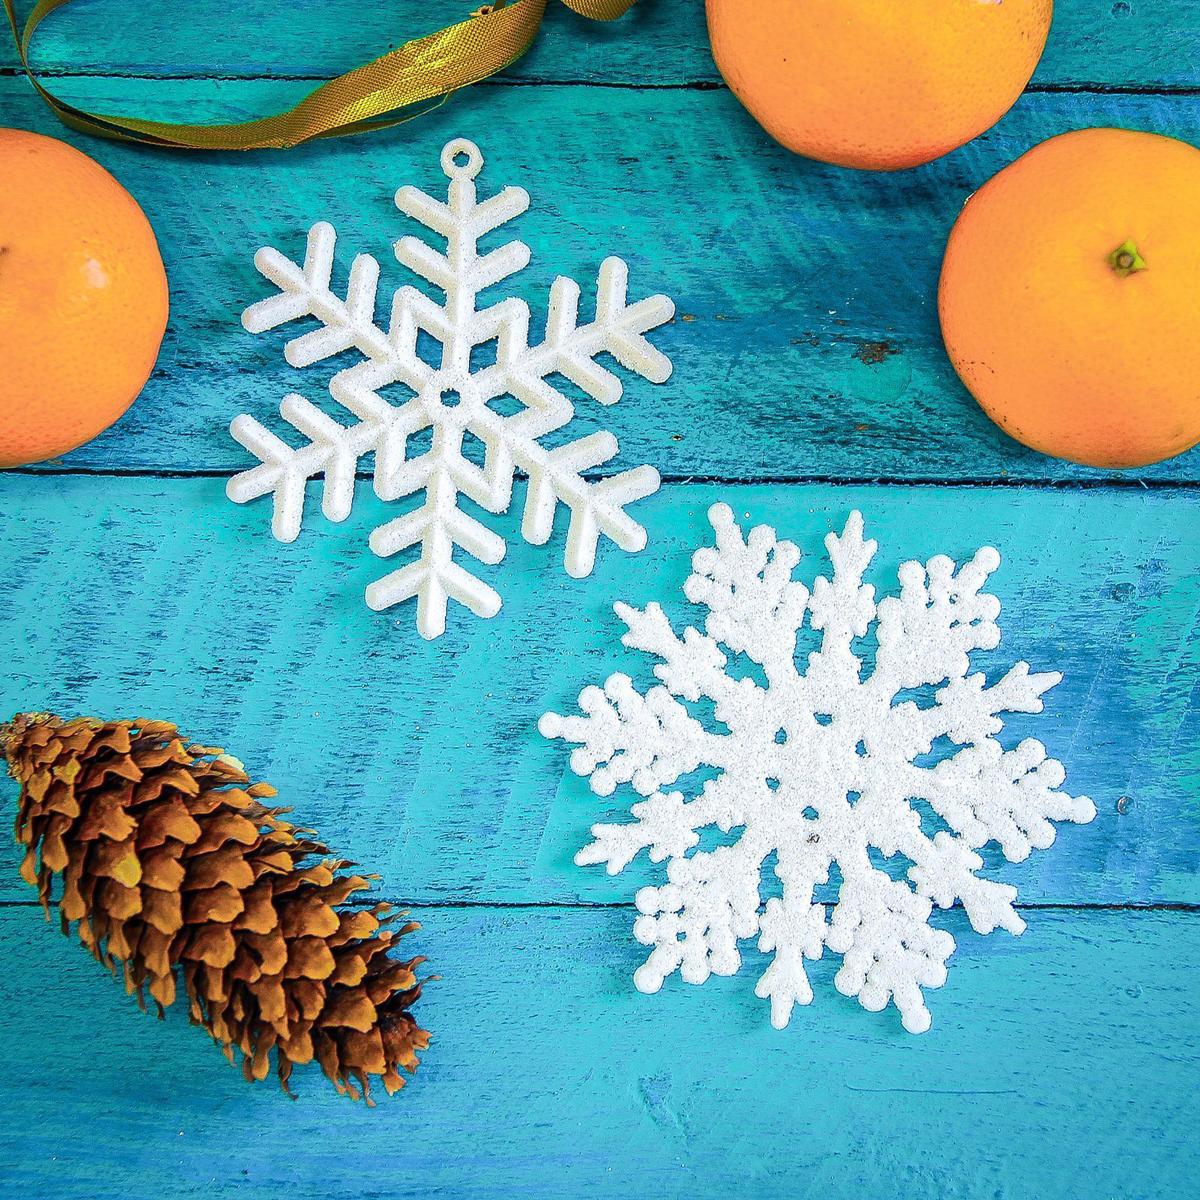 Набор новогодних подвесных украшений Белая снежинка, 6 шт2371299Невозможно представить нашу жизнь без праздников! Мы всегда ждем их и предвкушаем, обдумываем, как проведем памятный день, тщательно выбираем подарки и аксессуары, ведь именно они создают и поддерживают торжественный настрой. Это отличный выбор, который привнесет атмосферу праздника в ваш дом!